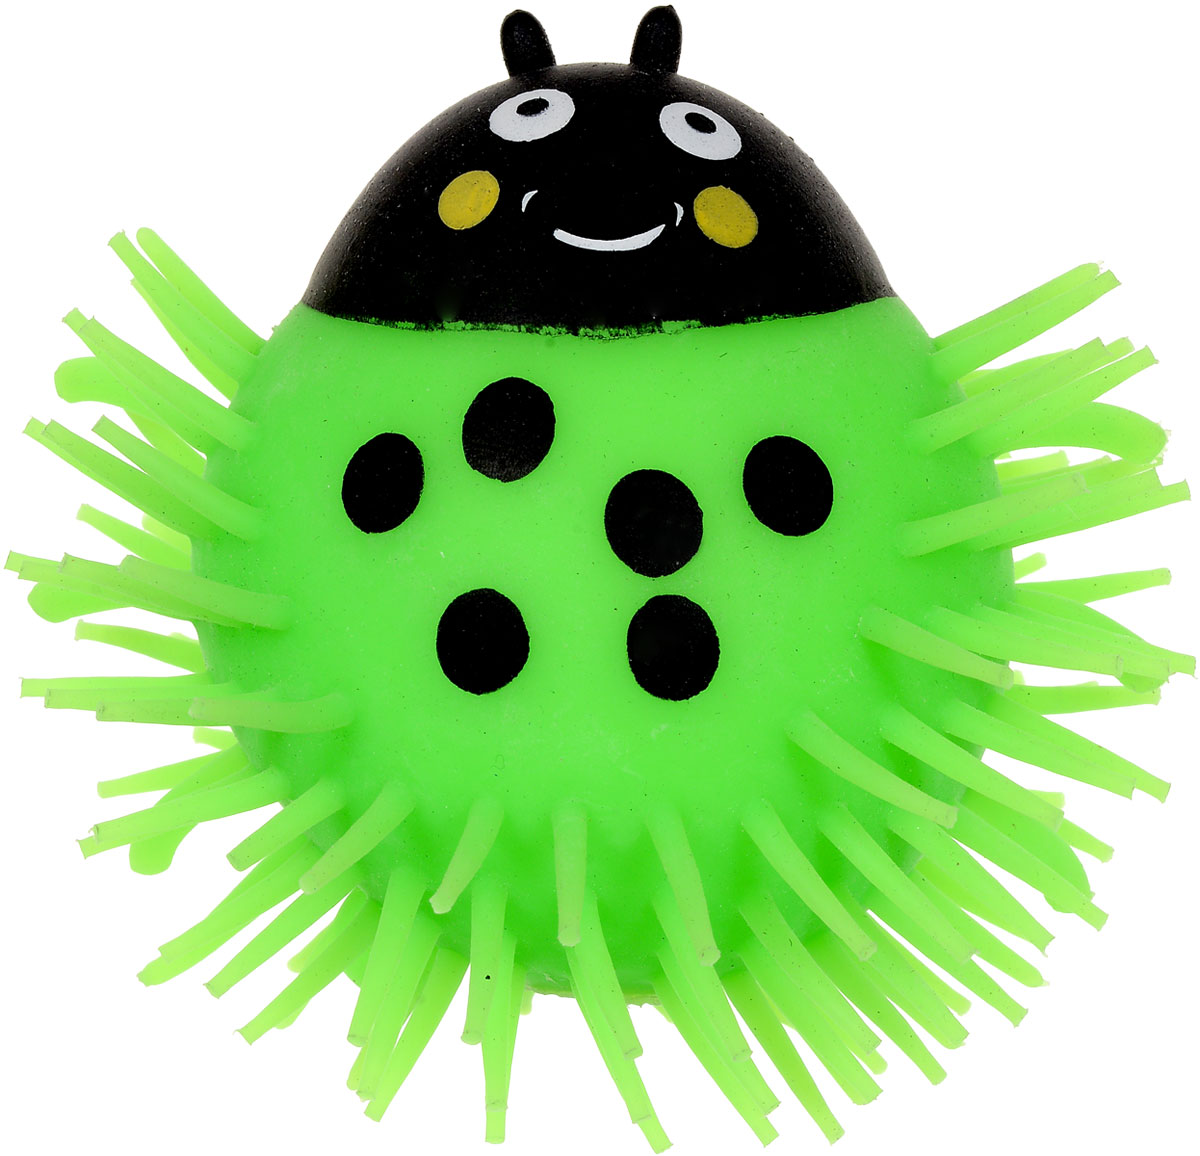 1TOY Игрушка-антистресс Ё-Ёжик Жук цвет зеленый 1toy игрушка антистресс ё ёжик инопланетянин одноглазый цвет оранжевый